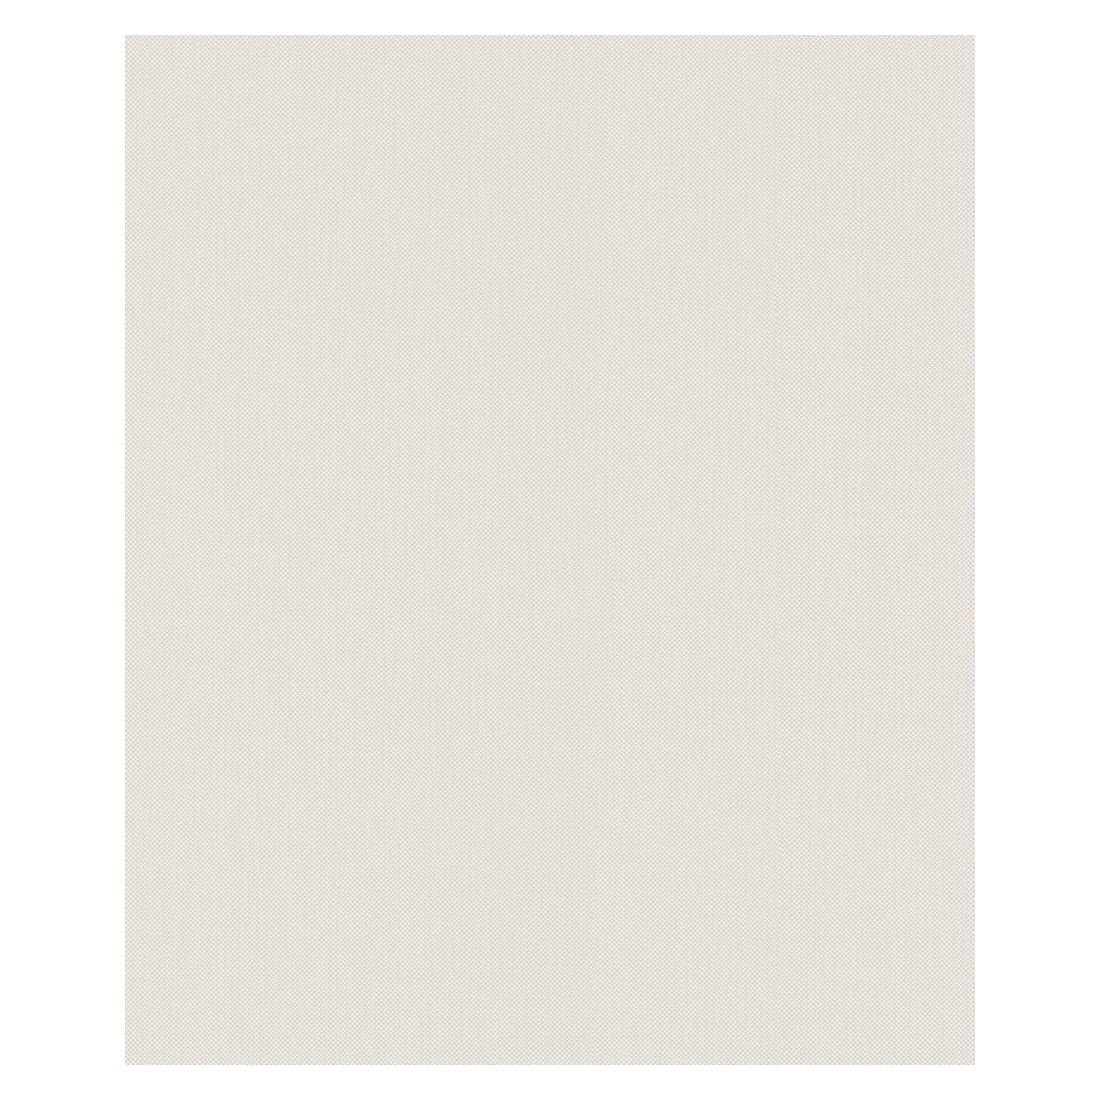 Vliestapete NAF-NAF – beige – fein strukturiert, Home24Deko günstig online kaufen